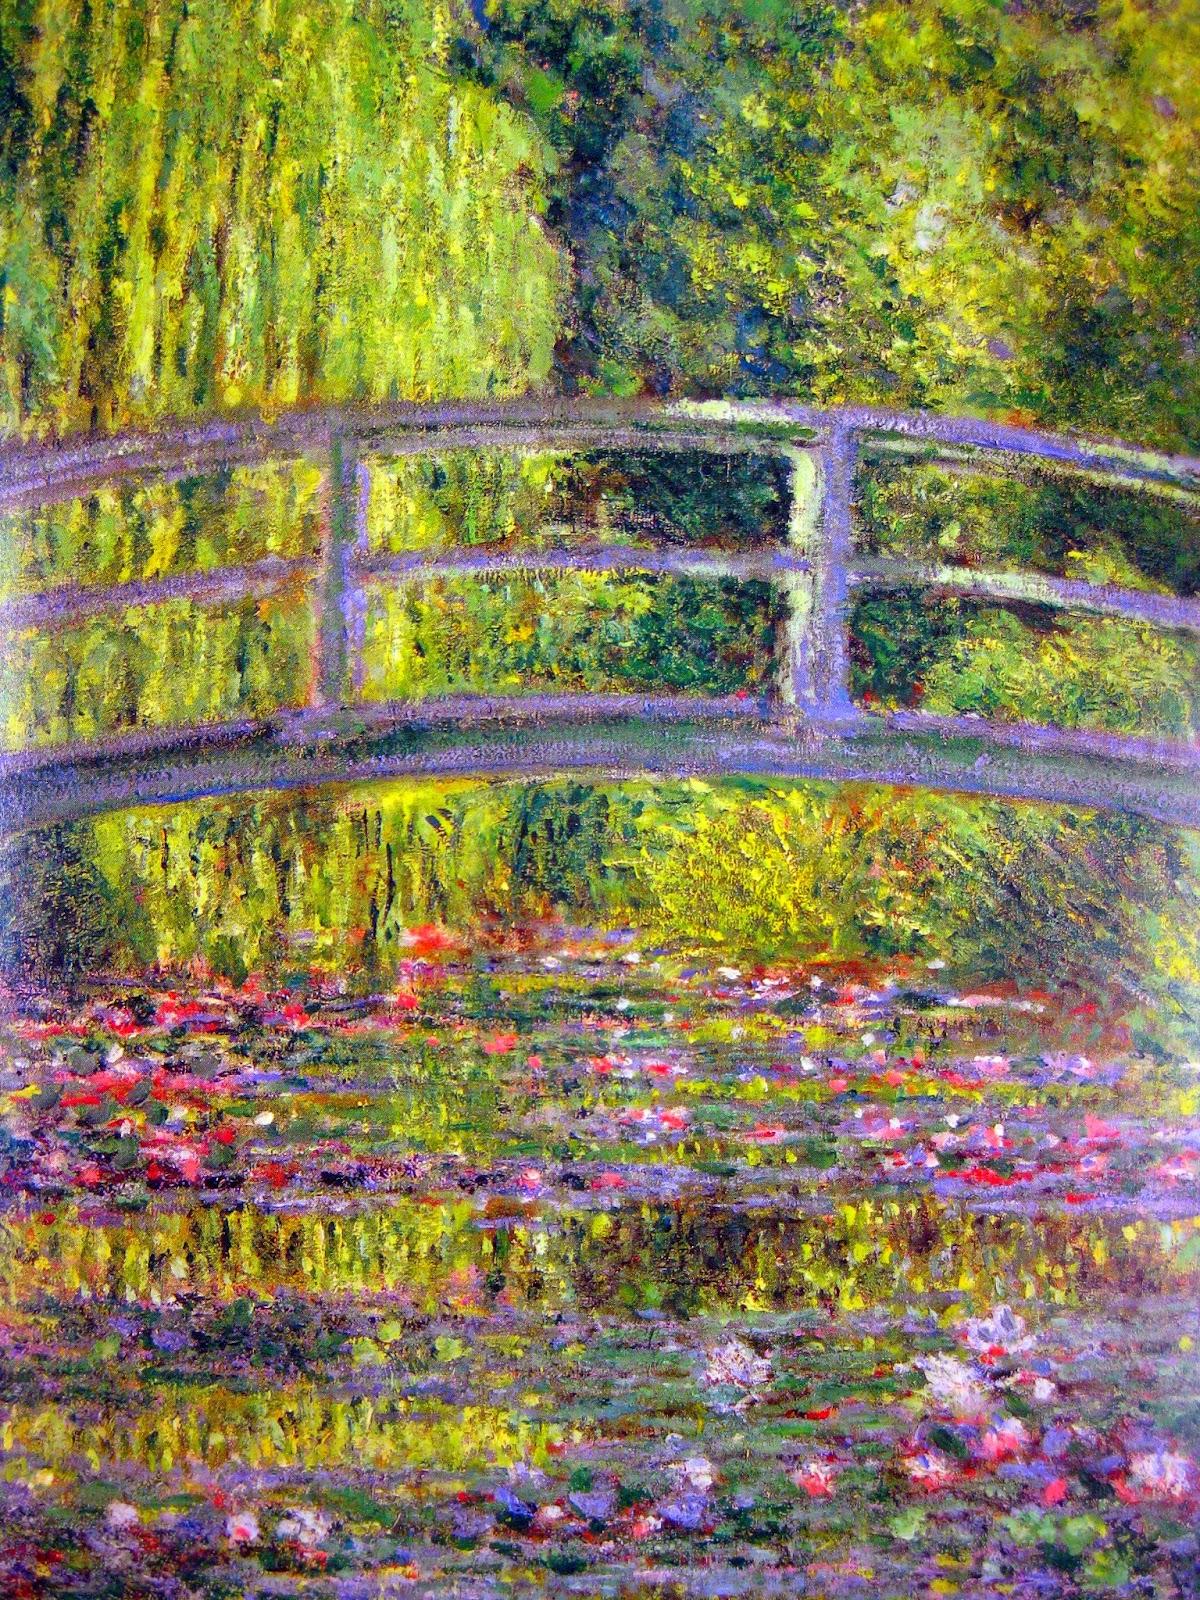 Cassie Stephens: In the Art Room: Mammoth Monet-Inspired Mural